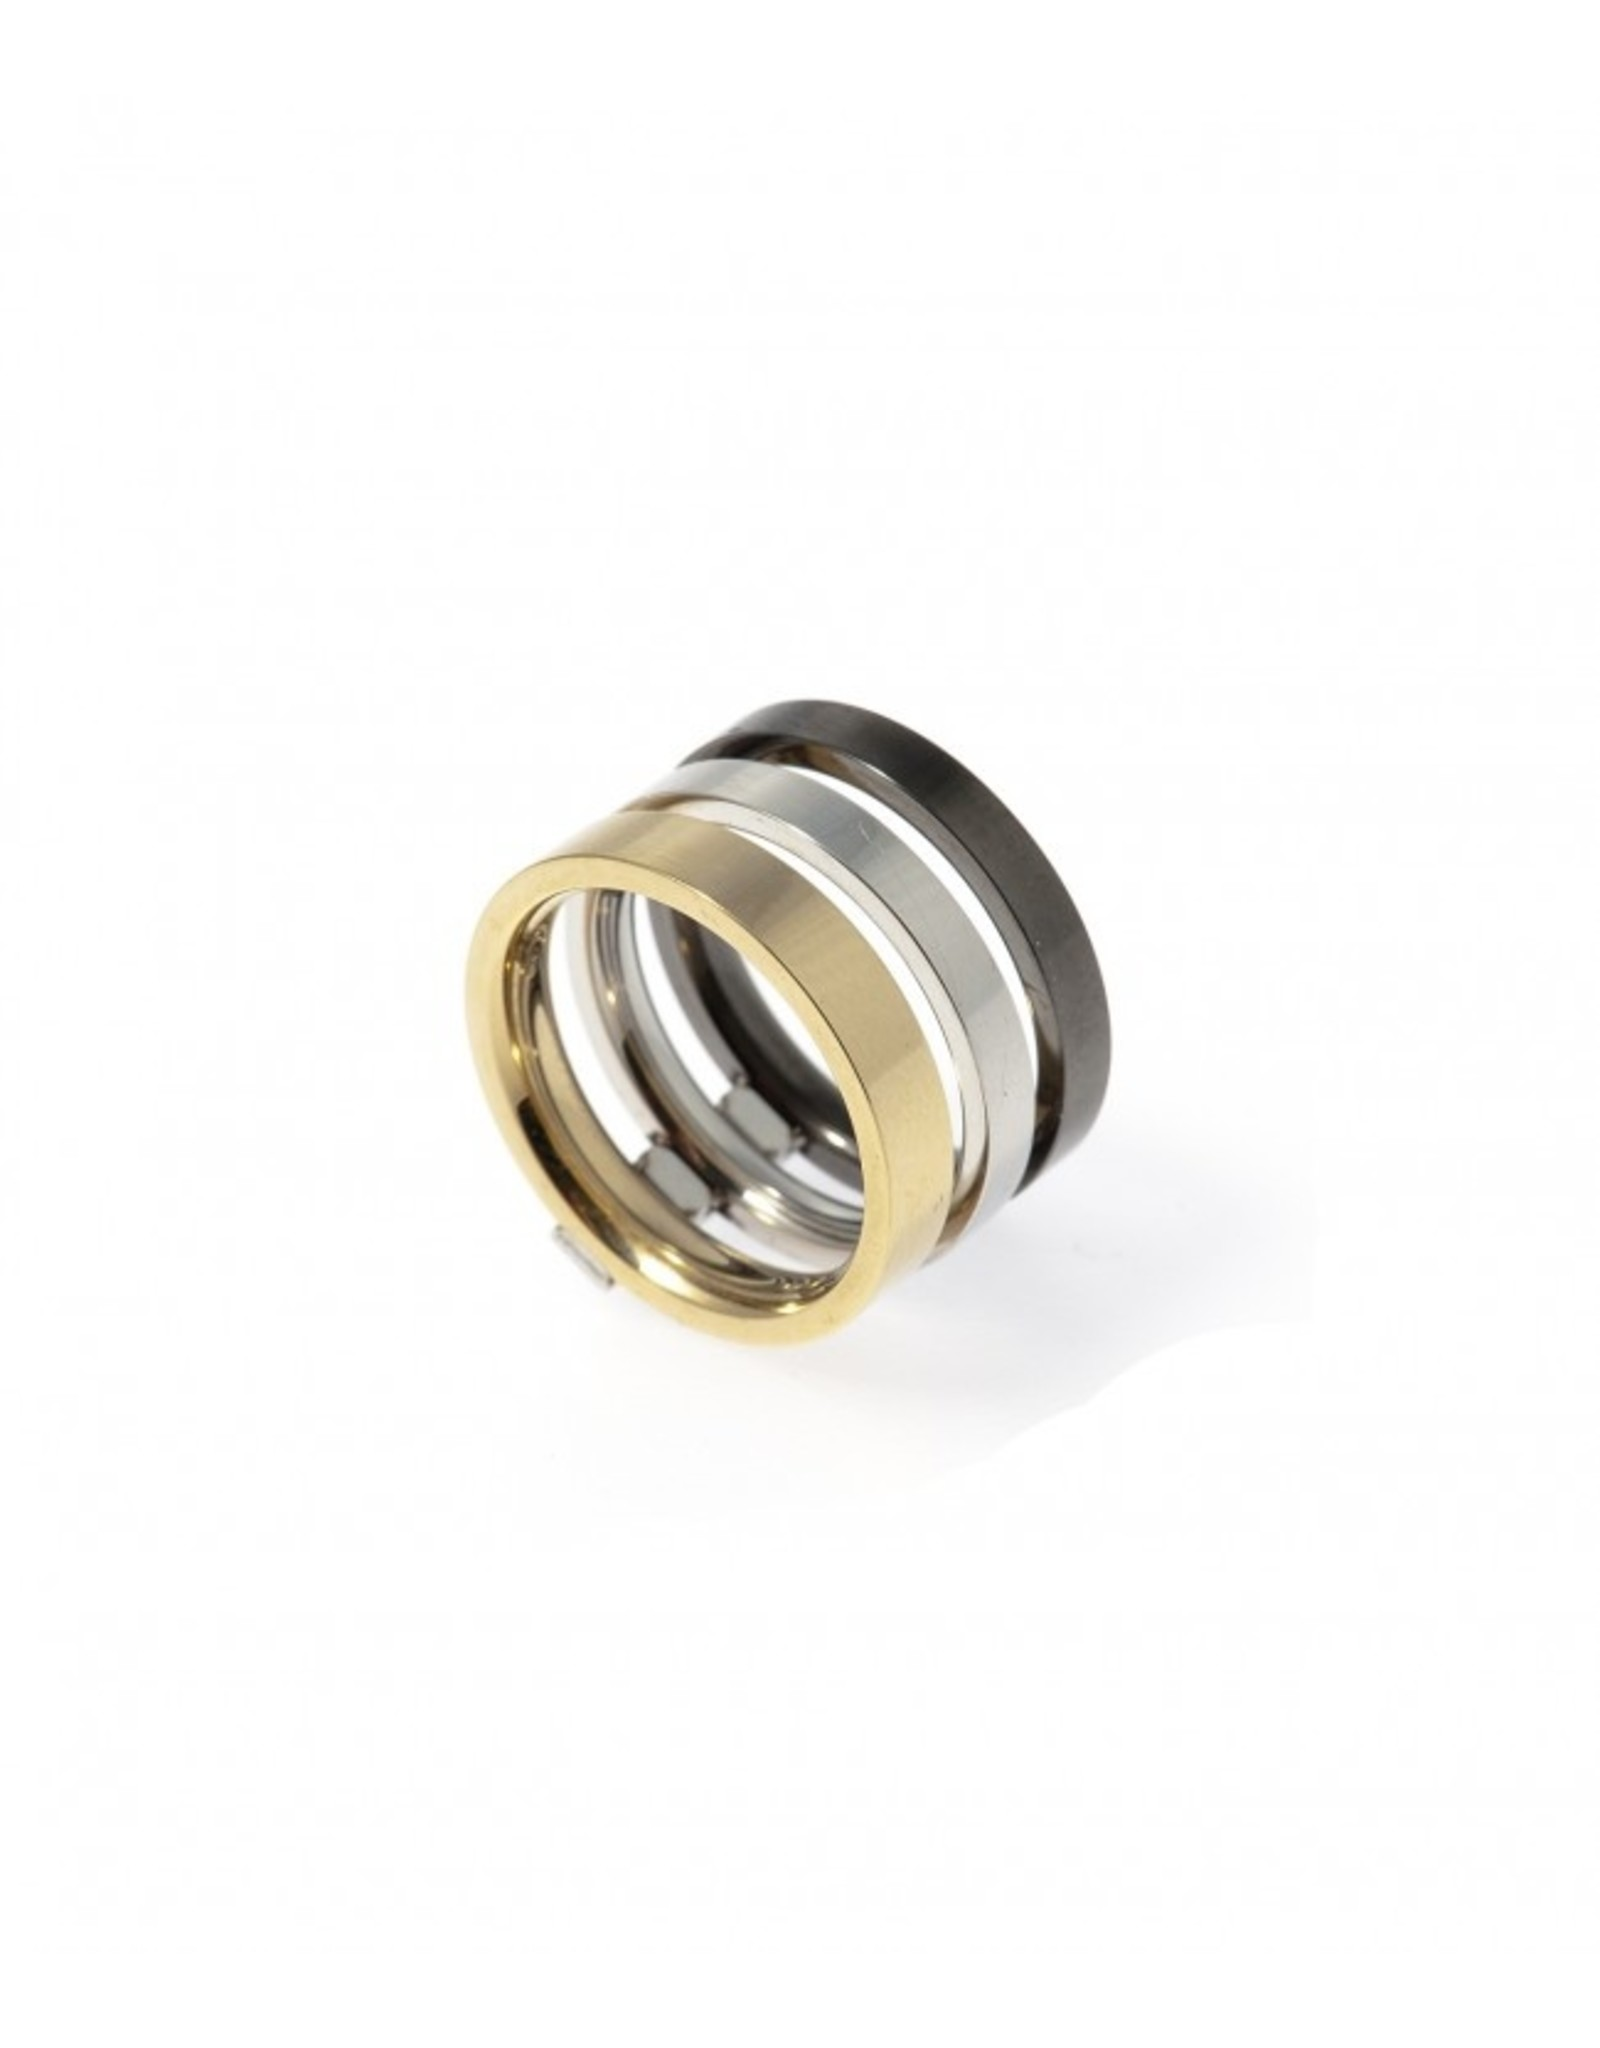 Ring Goud/Staal/Gun